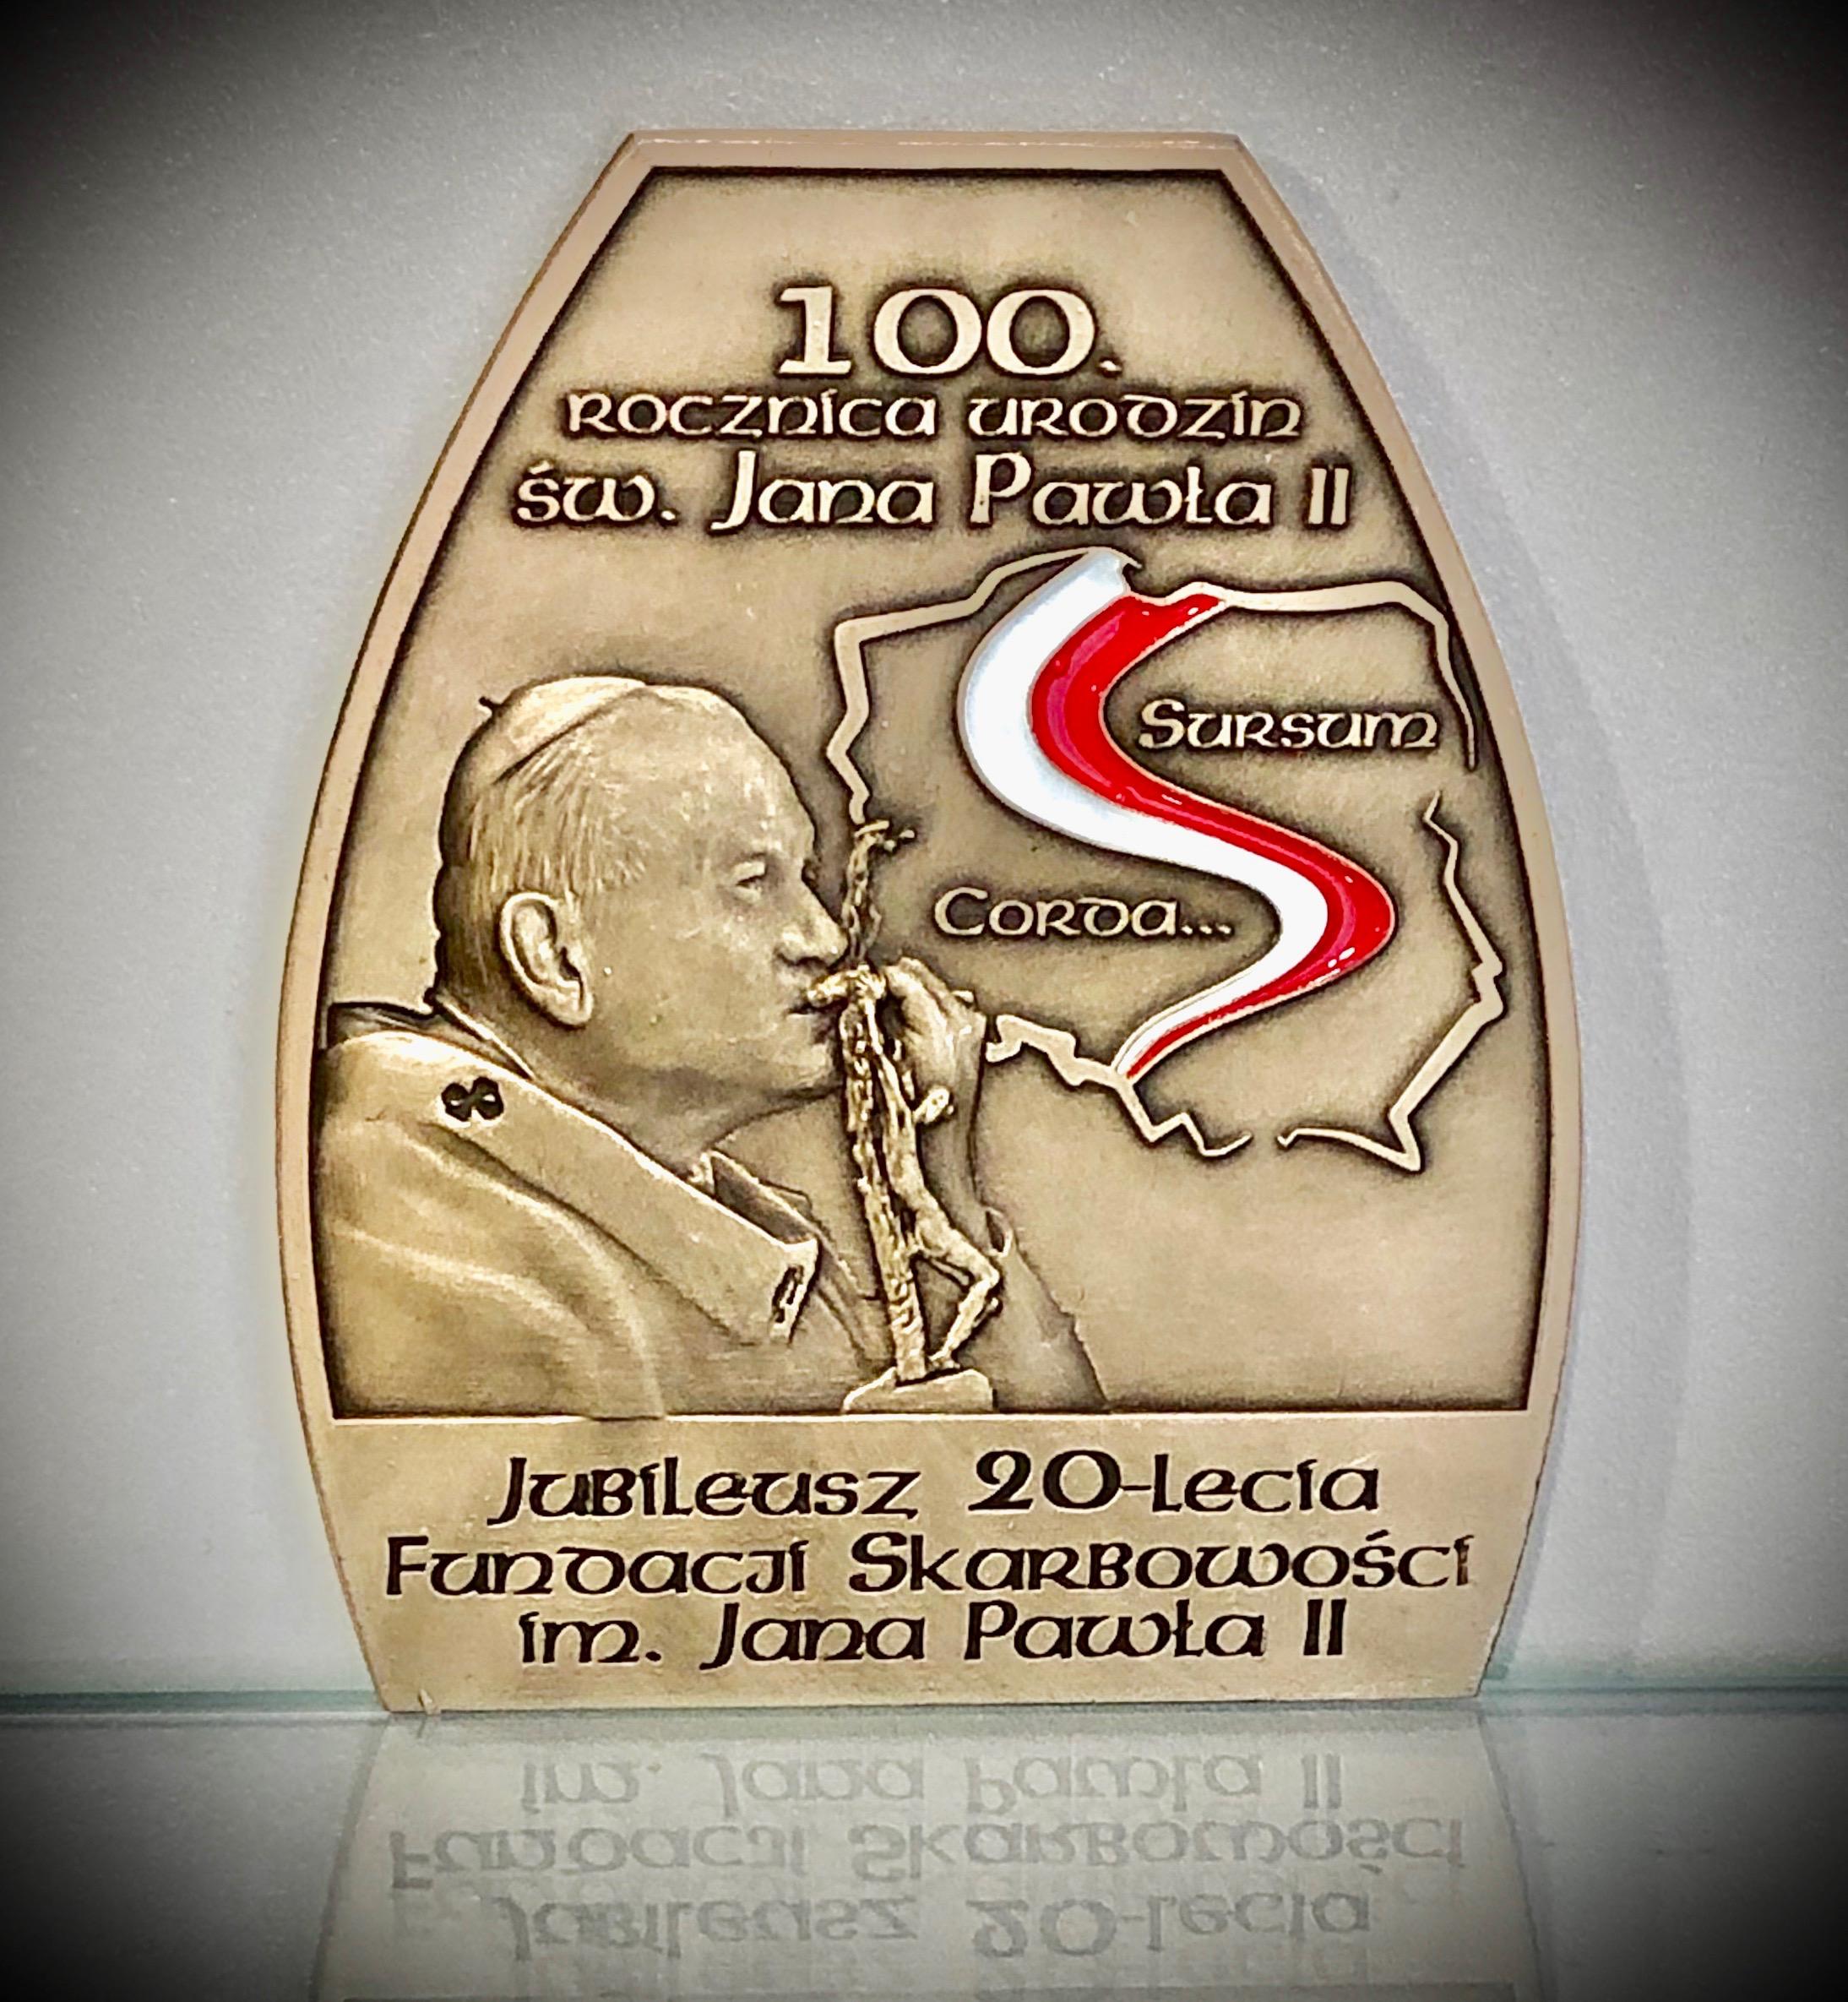 """Kup cegiełkę –  Medal """"Sursum Corda"""" upamietniający 100.rocznicę urodzin św. Jana Pawła II i buduj z nami """"cywilizację miłości…"""""""